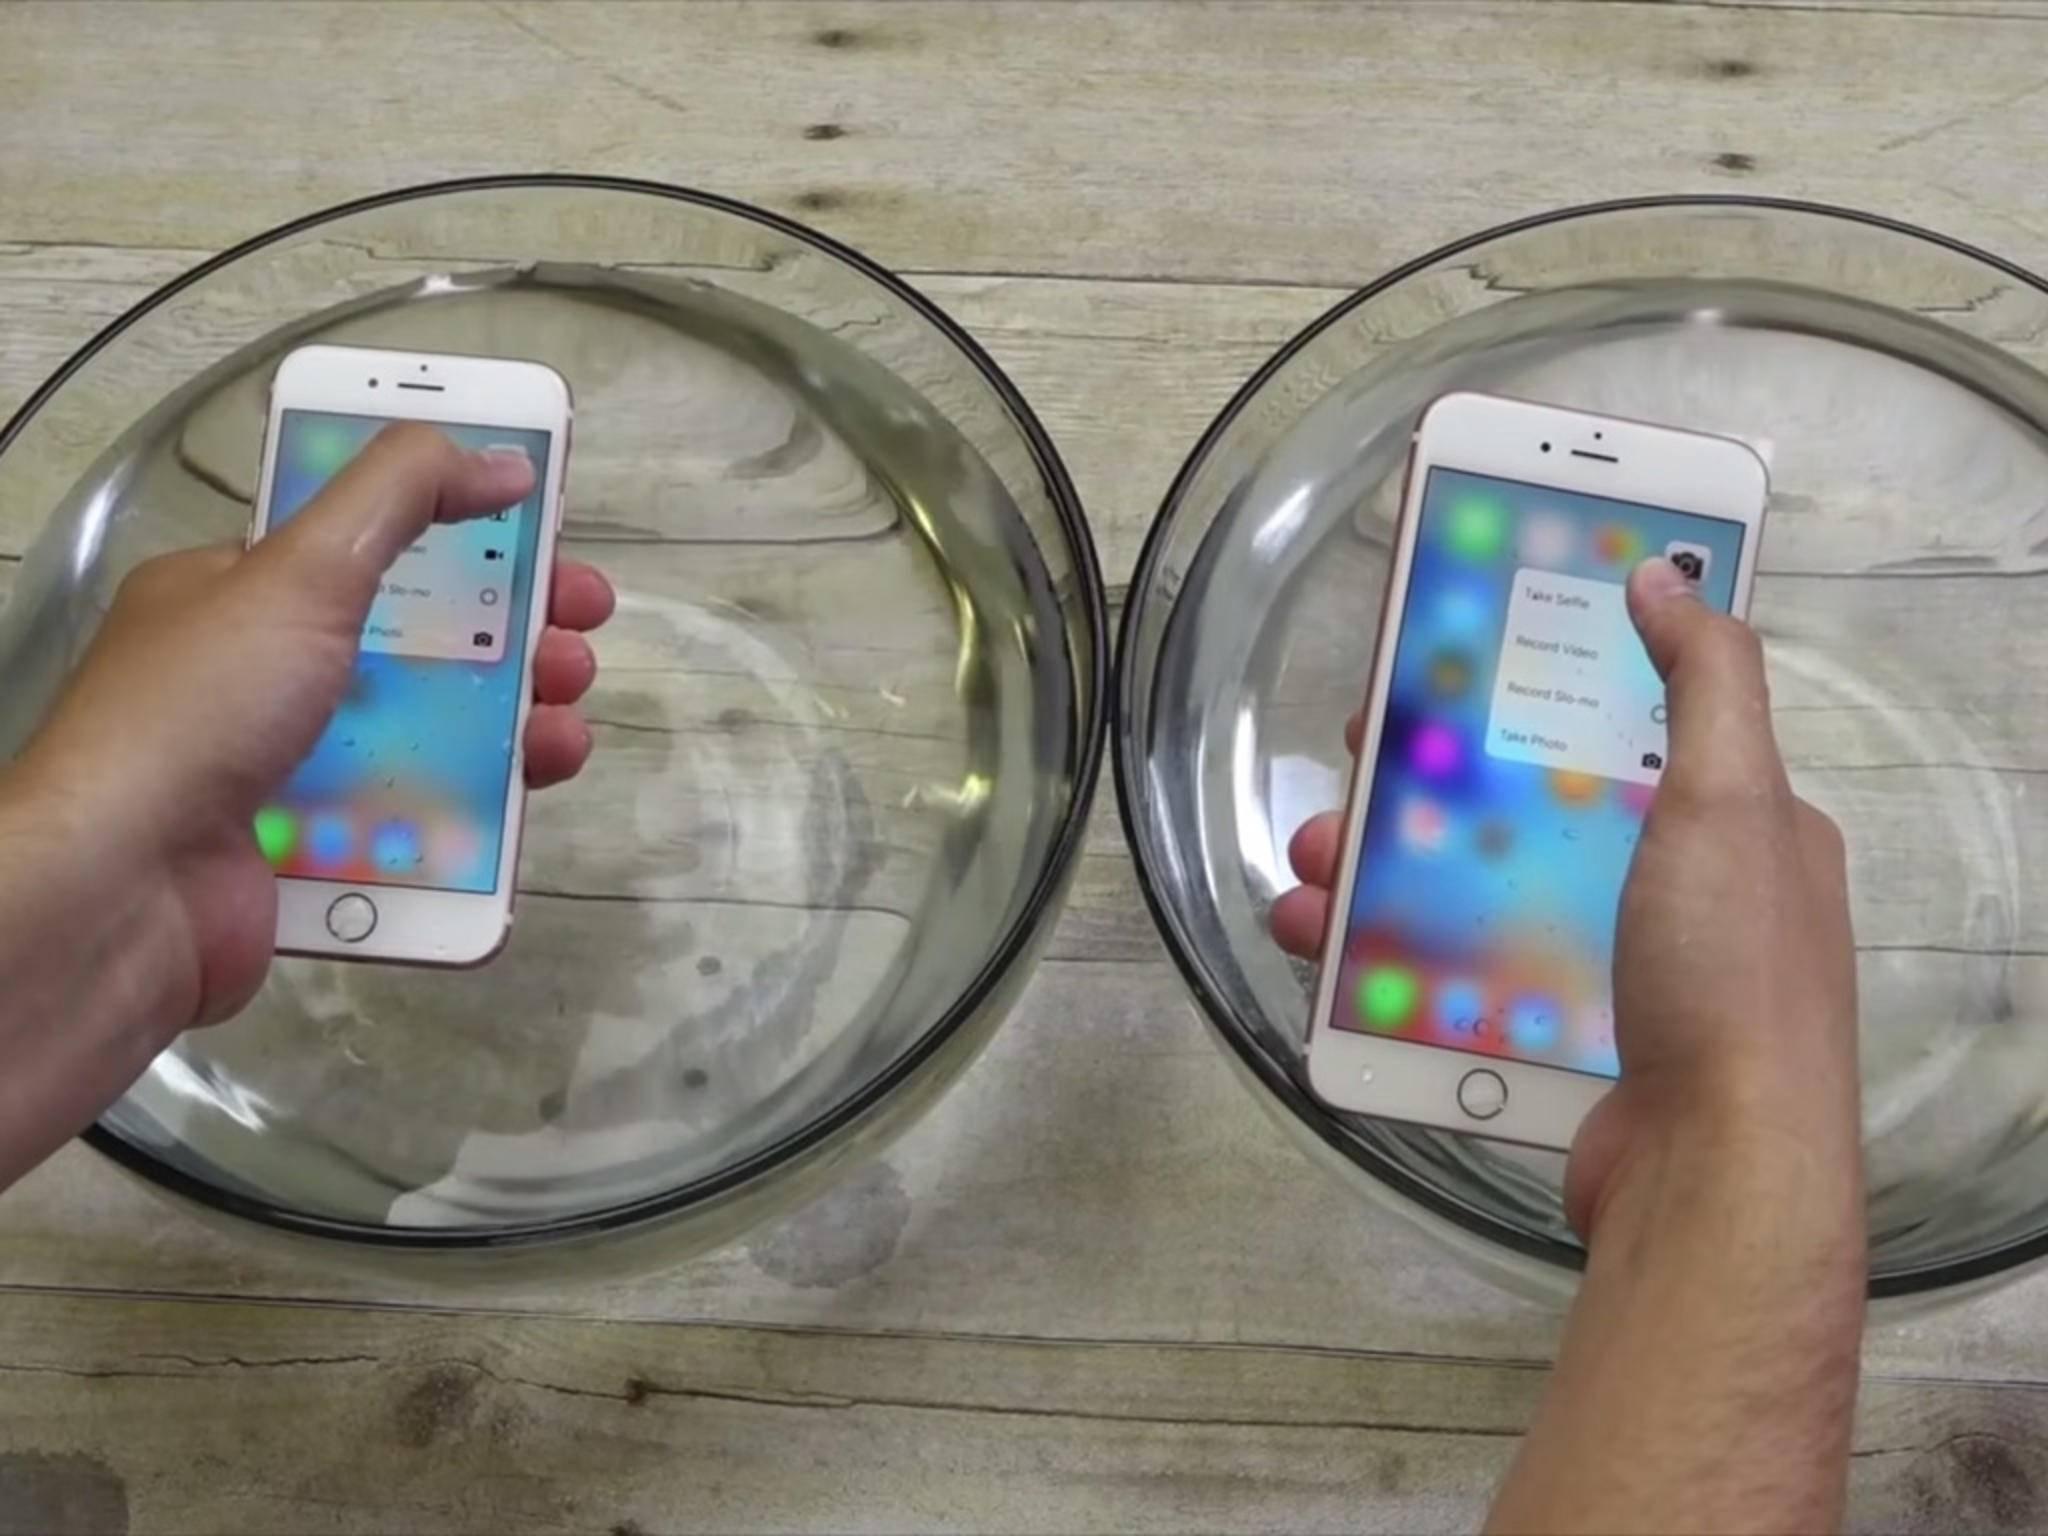 Hält das iPhone 7 Wasser besser aus als das iPhone 6s?